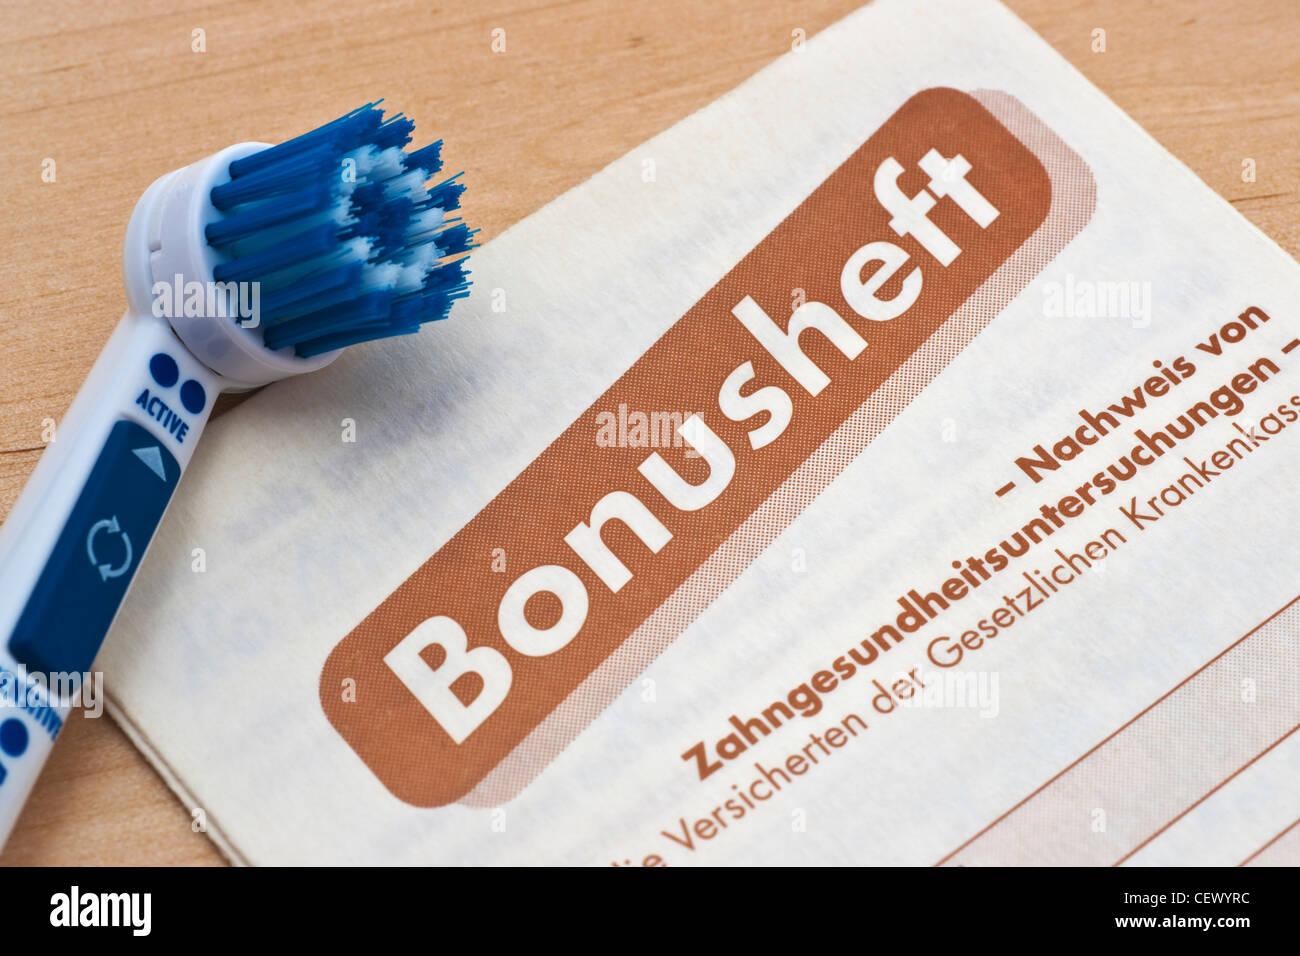 Foto detalle de un dentista folleto de bonificación, un cepillo de dientes junto con Foto de stock